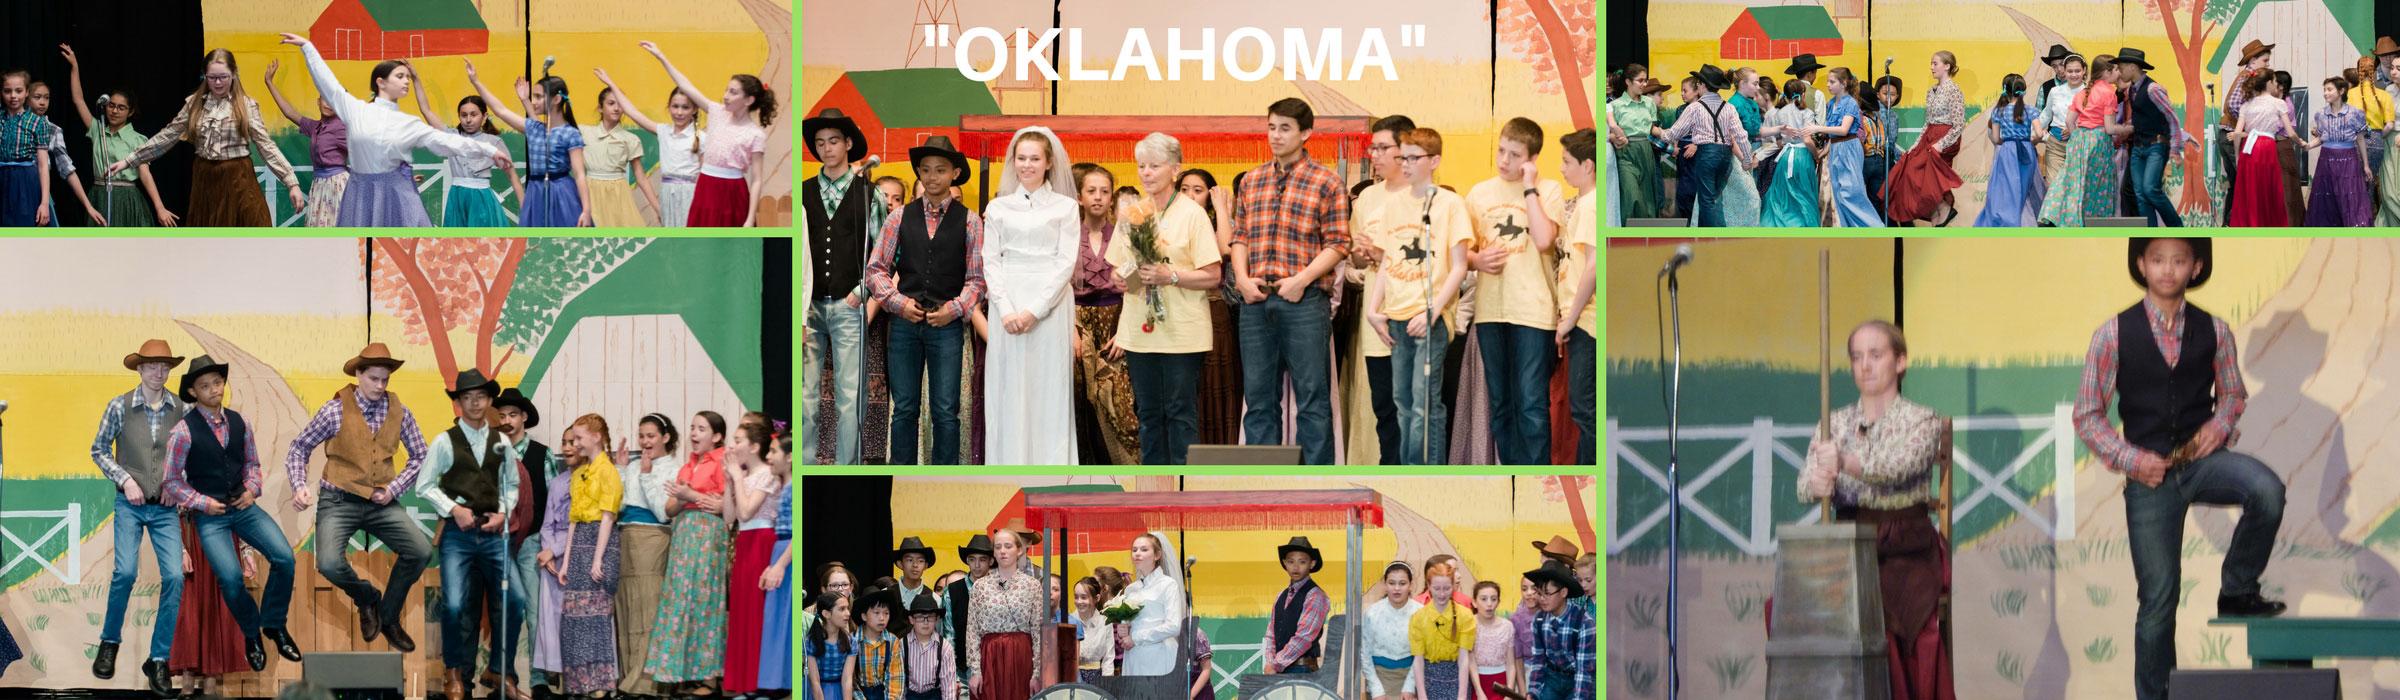 OKLAHOMA_slider